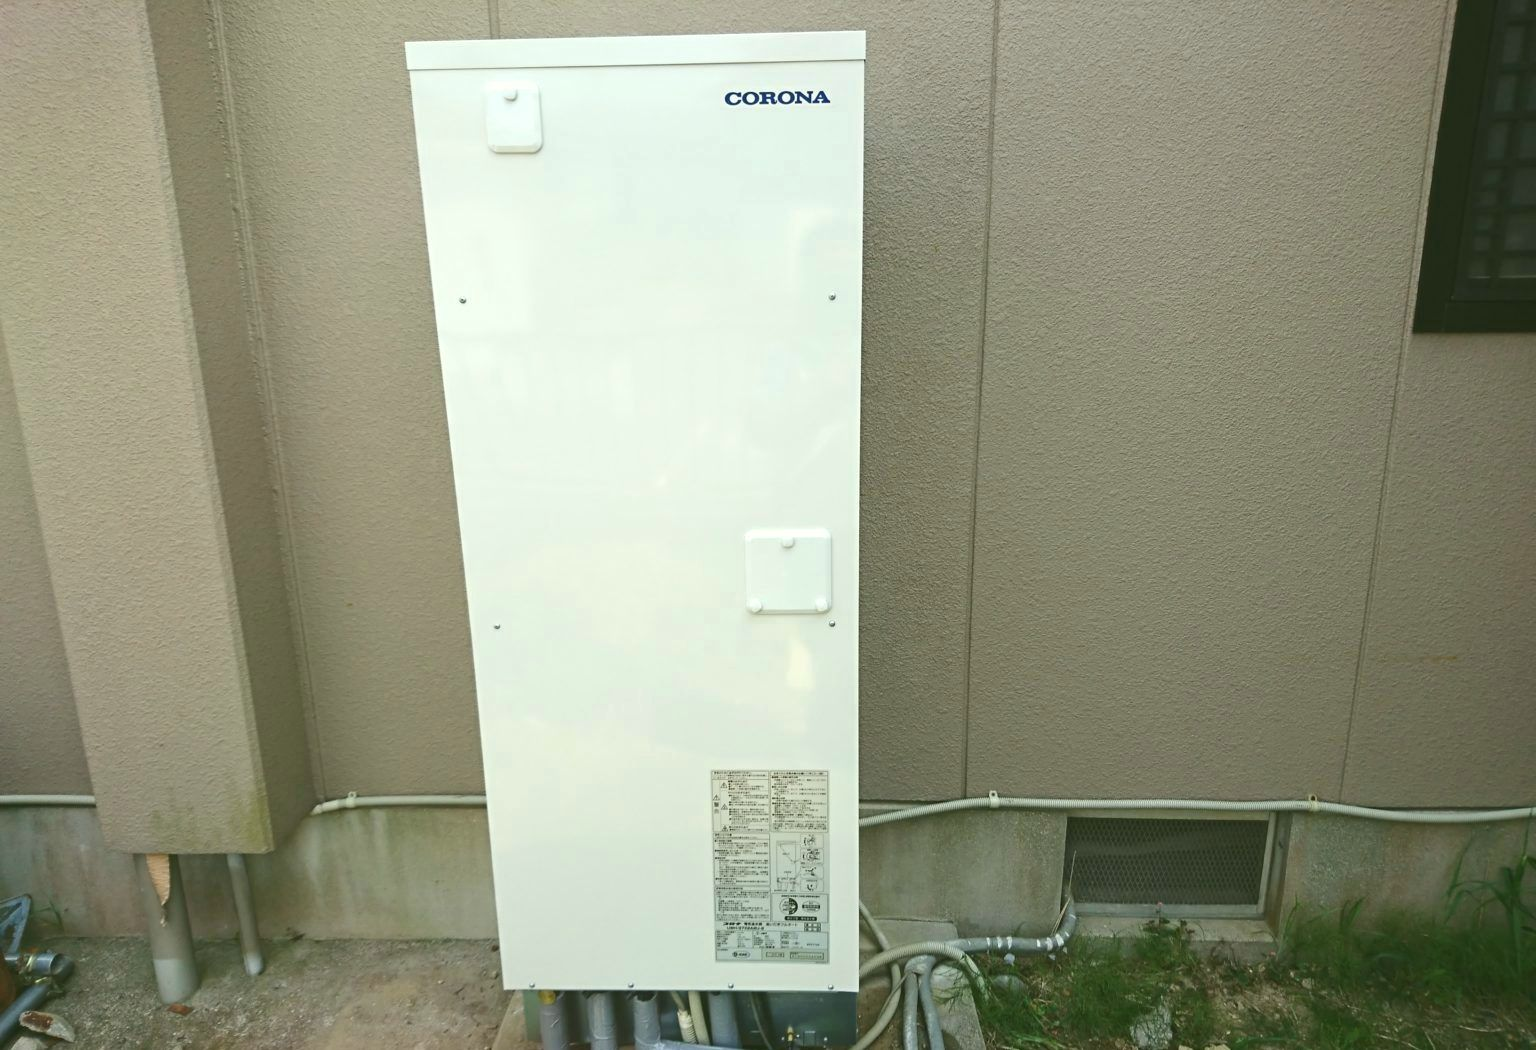 三重県鈴鹿市コロナ電気温水器UWH-37X2A2U-2工事店【アンシンサービス24】